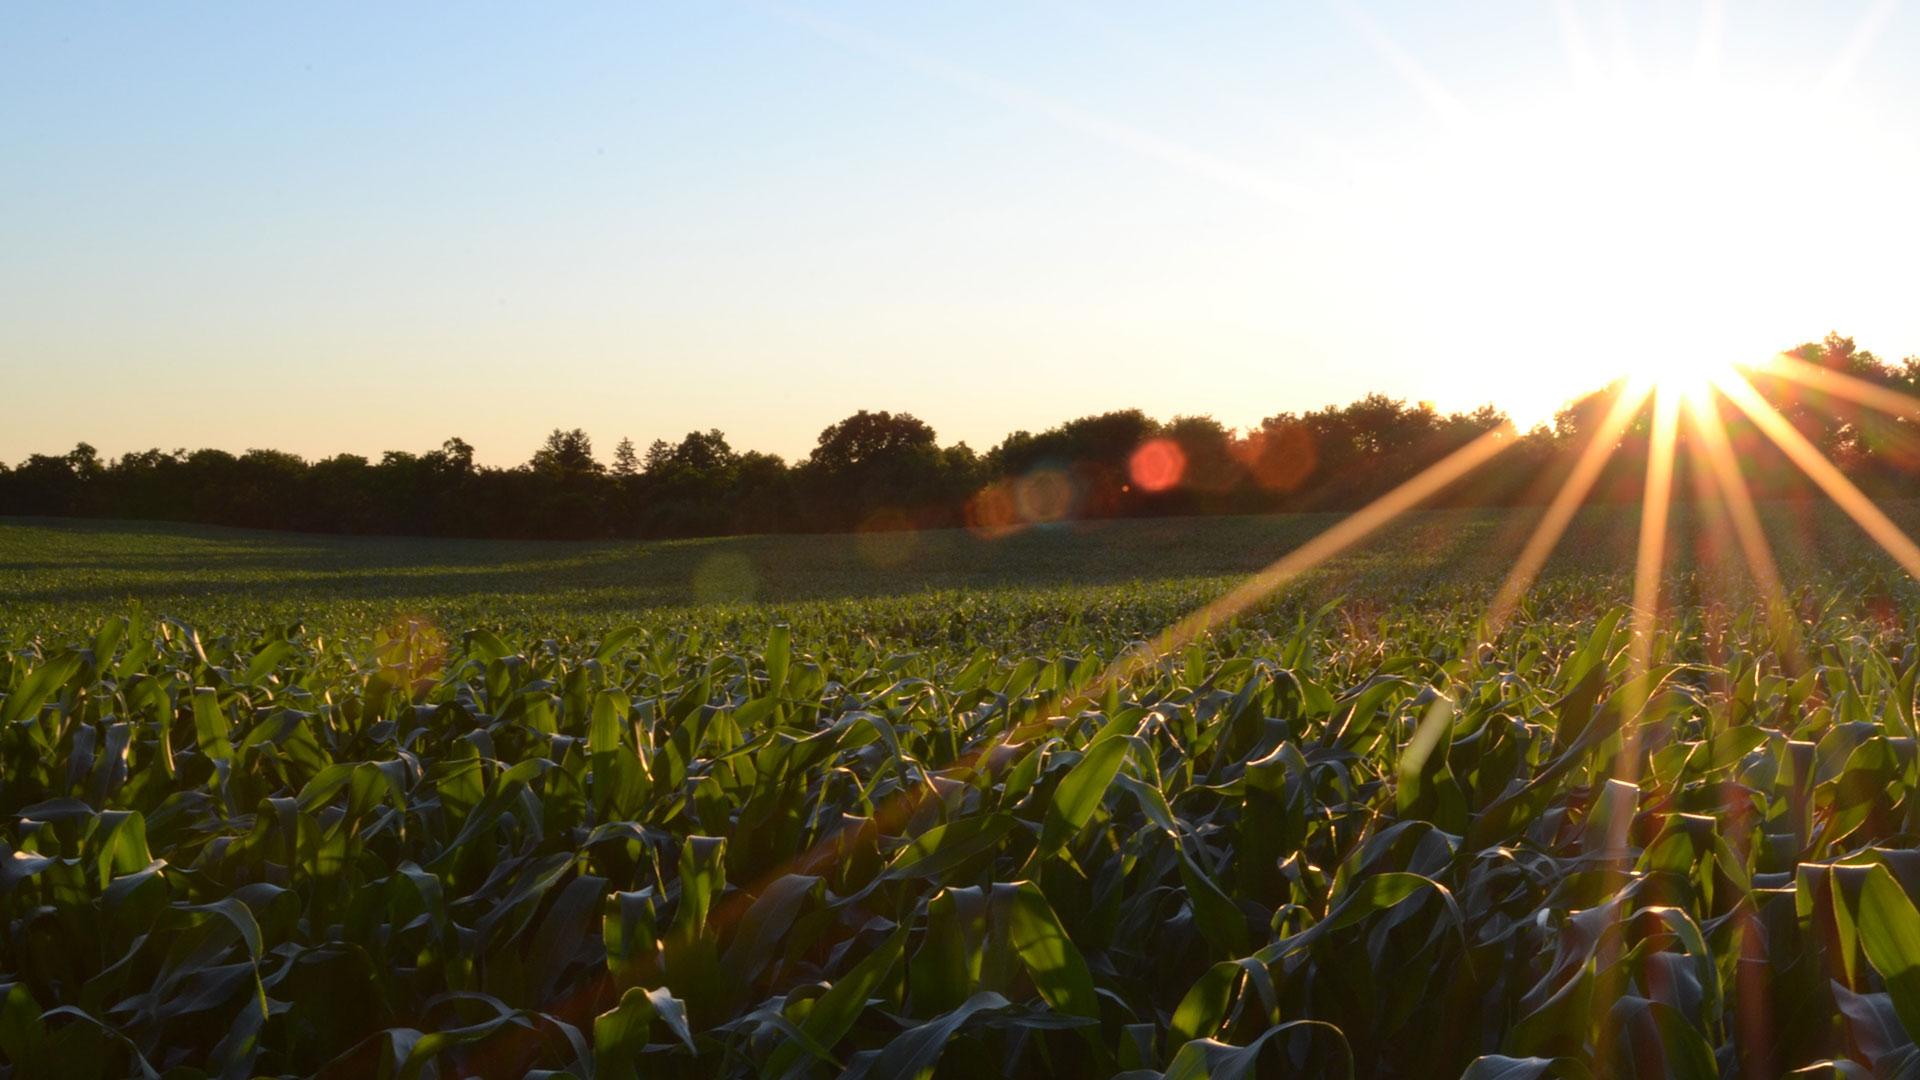 campo de cultivo en atardecer